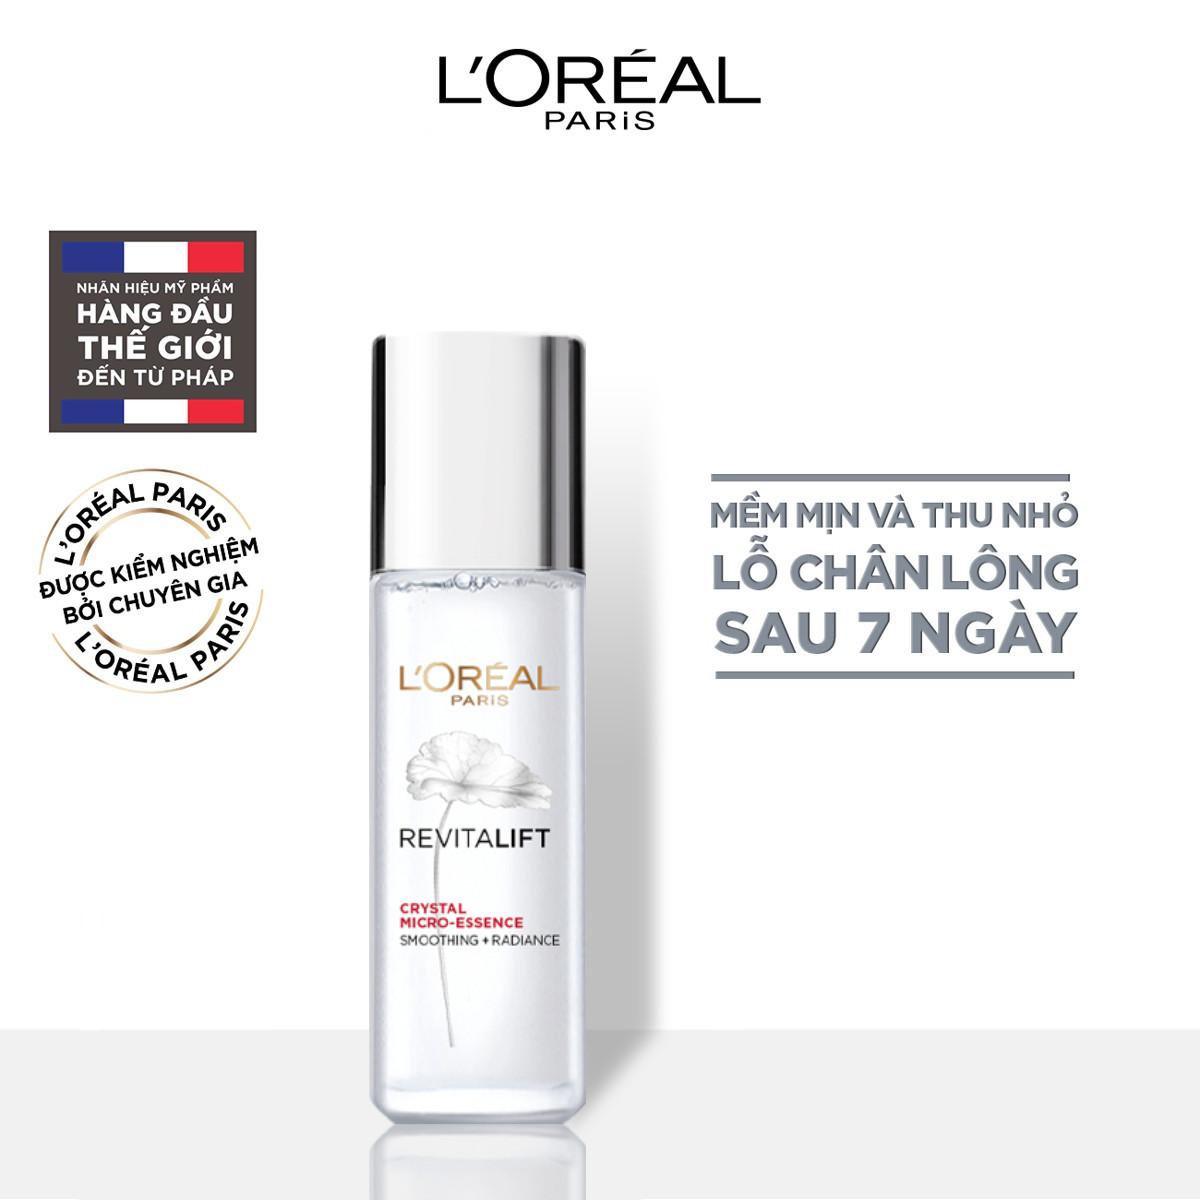 Bộ dưỡng trắng chống thâm nám và cấp ẩm toàn diện L'Oreal Paris